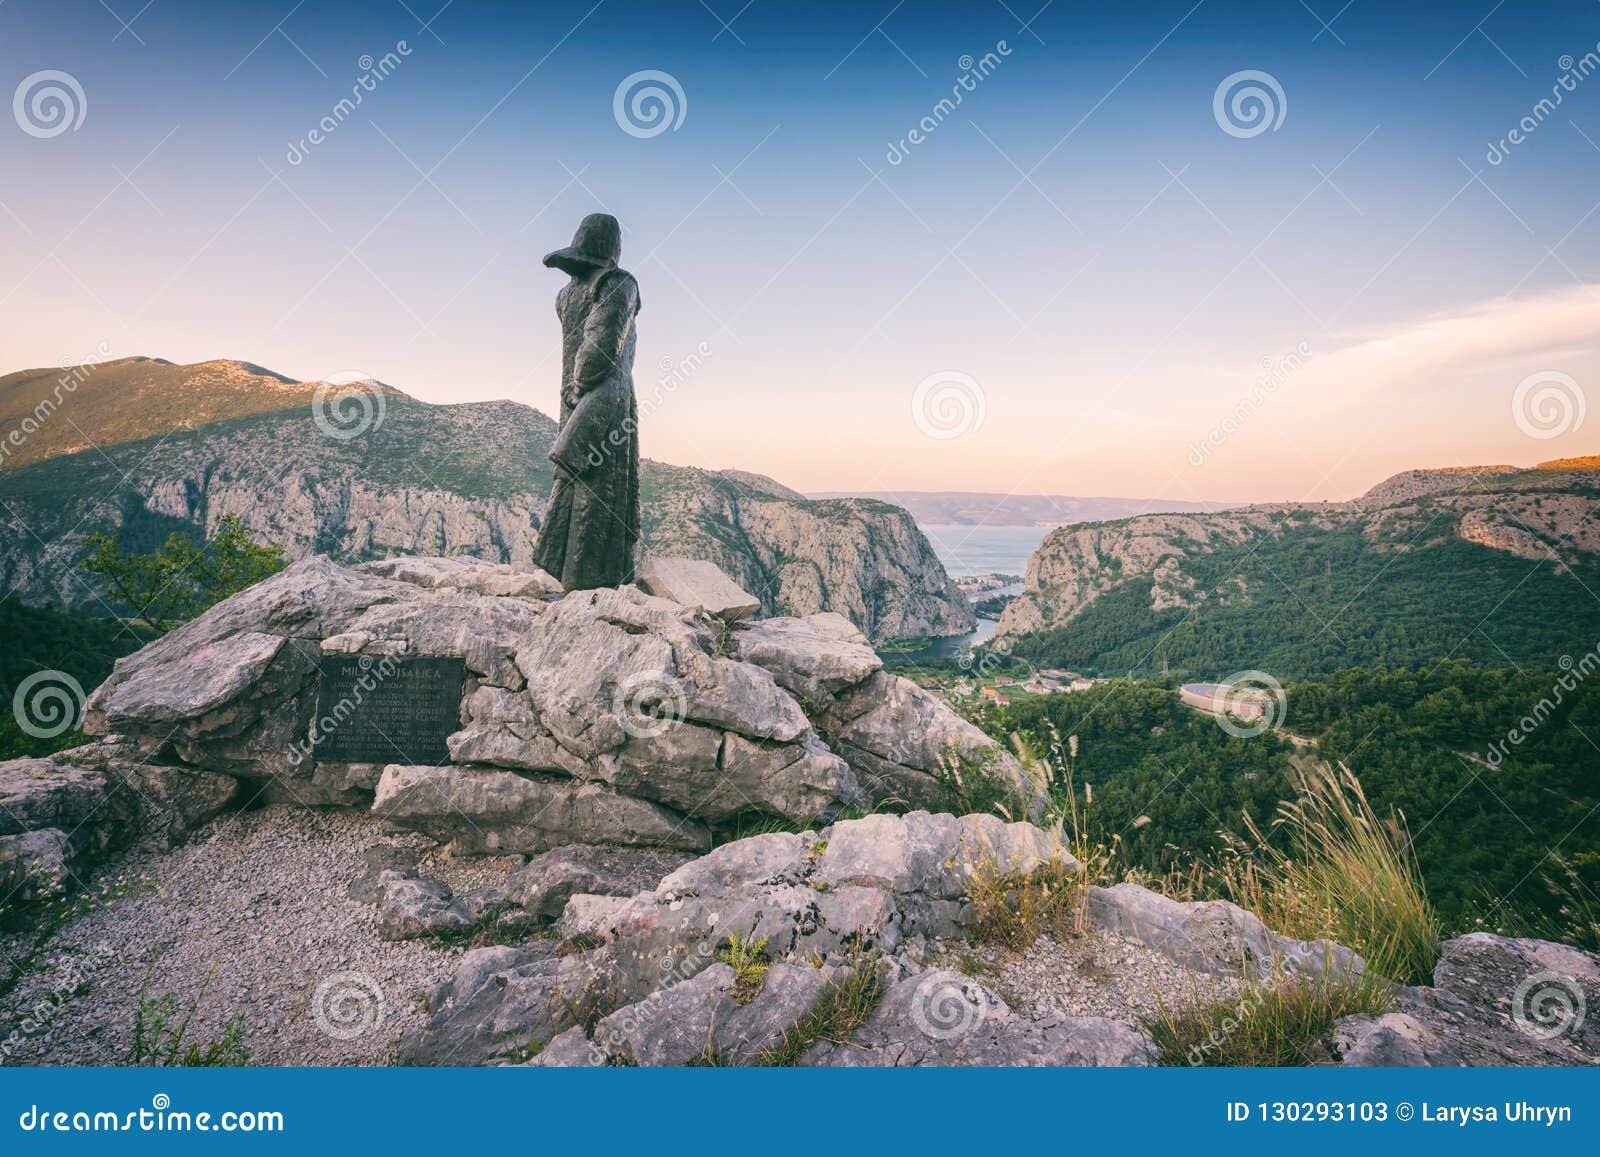 Statua di Mila Gojsalic leggendaria sopra una montagna rocciosa vicino a Omis, Dalmazia, Croazia